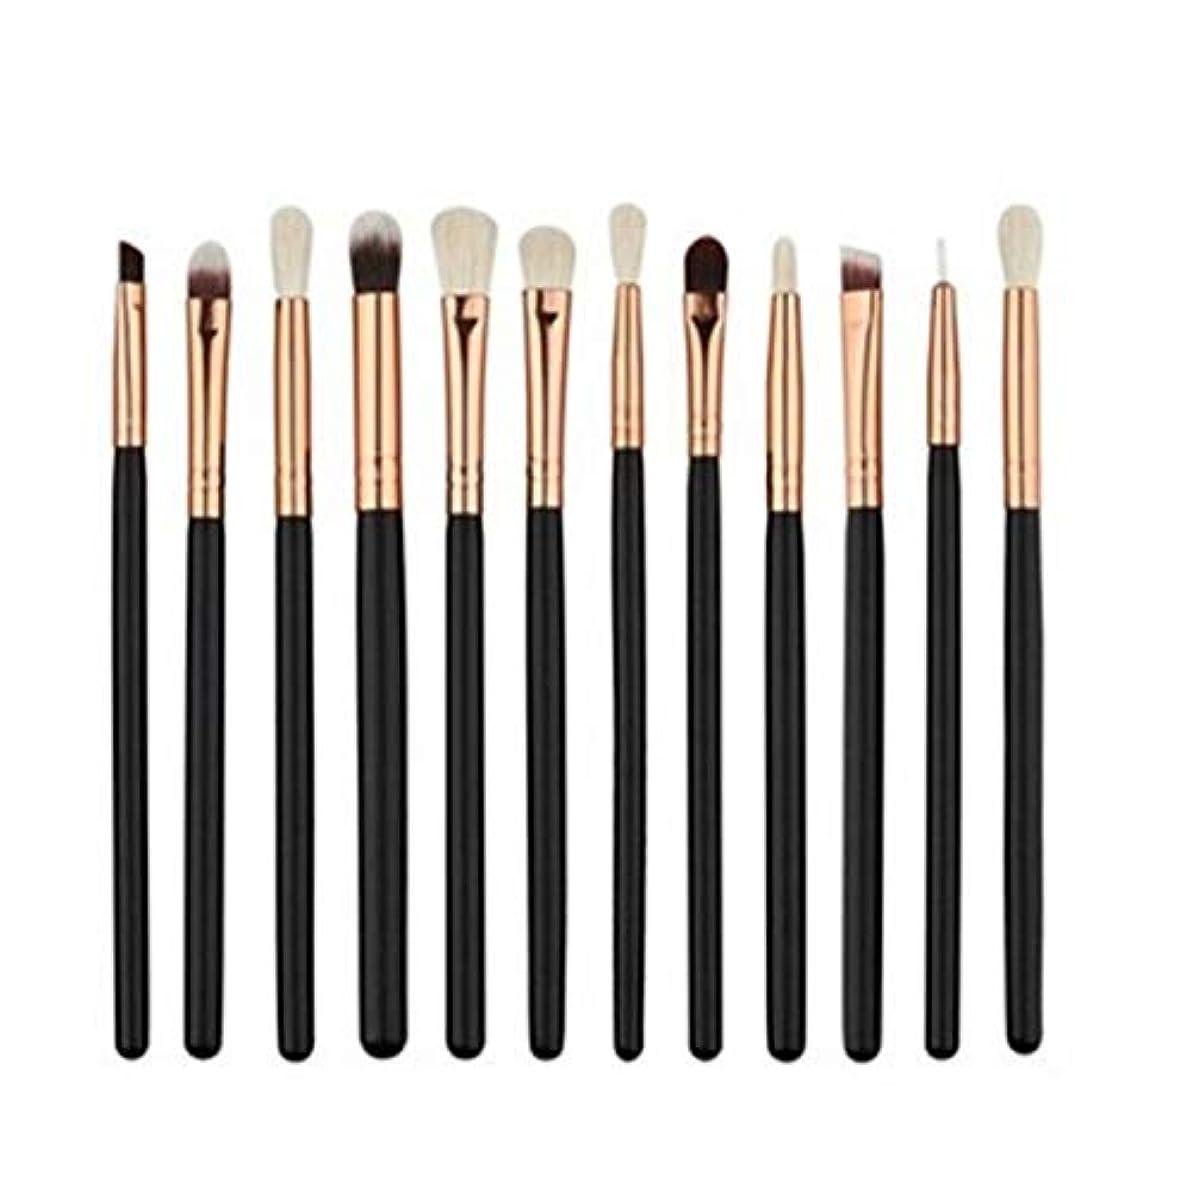 砲撃前効率Meeioupl 化粧ブラシセット12ピースセット化粧ブラシプロの化粧ブラシ小さなポータブルギフト化粧ブラシ高品質ソフトブラシ 品質保証 (Color : ブラック)